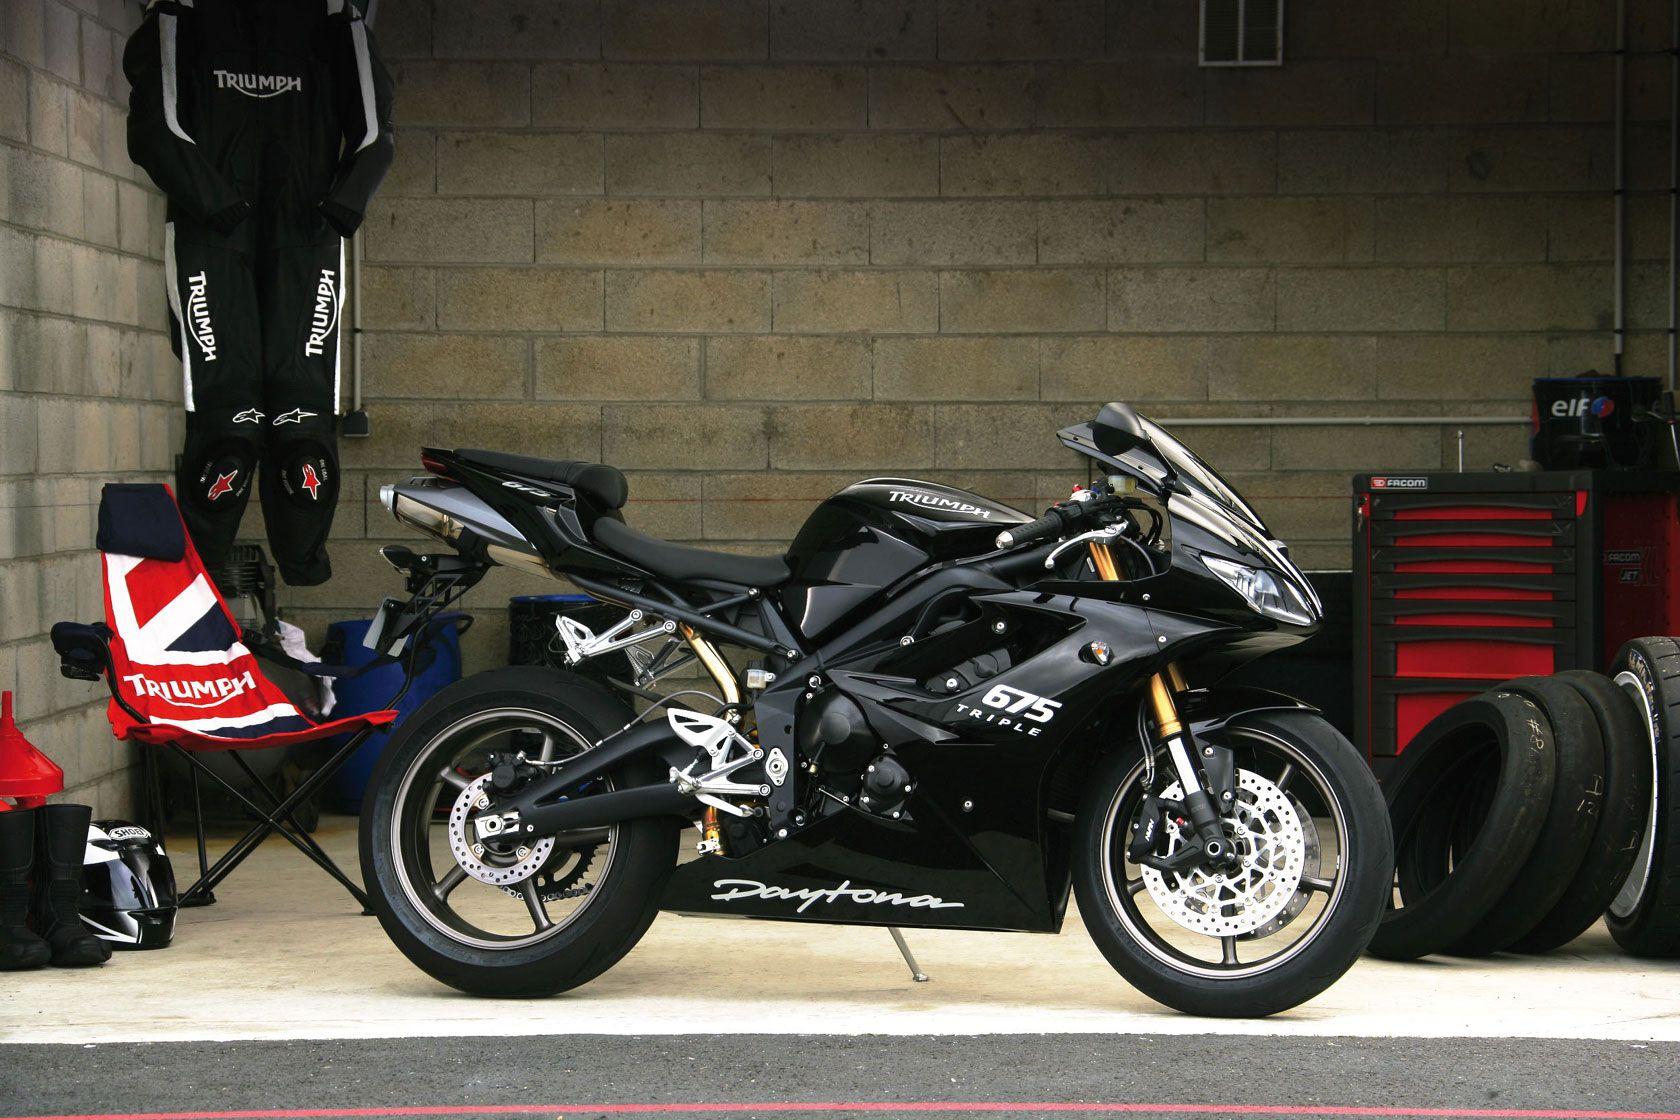 2008 Triumph Daytona 675 Comparison